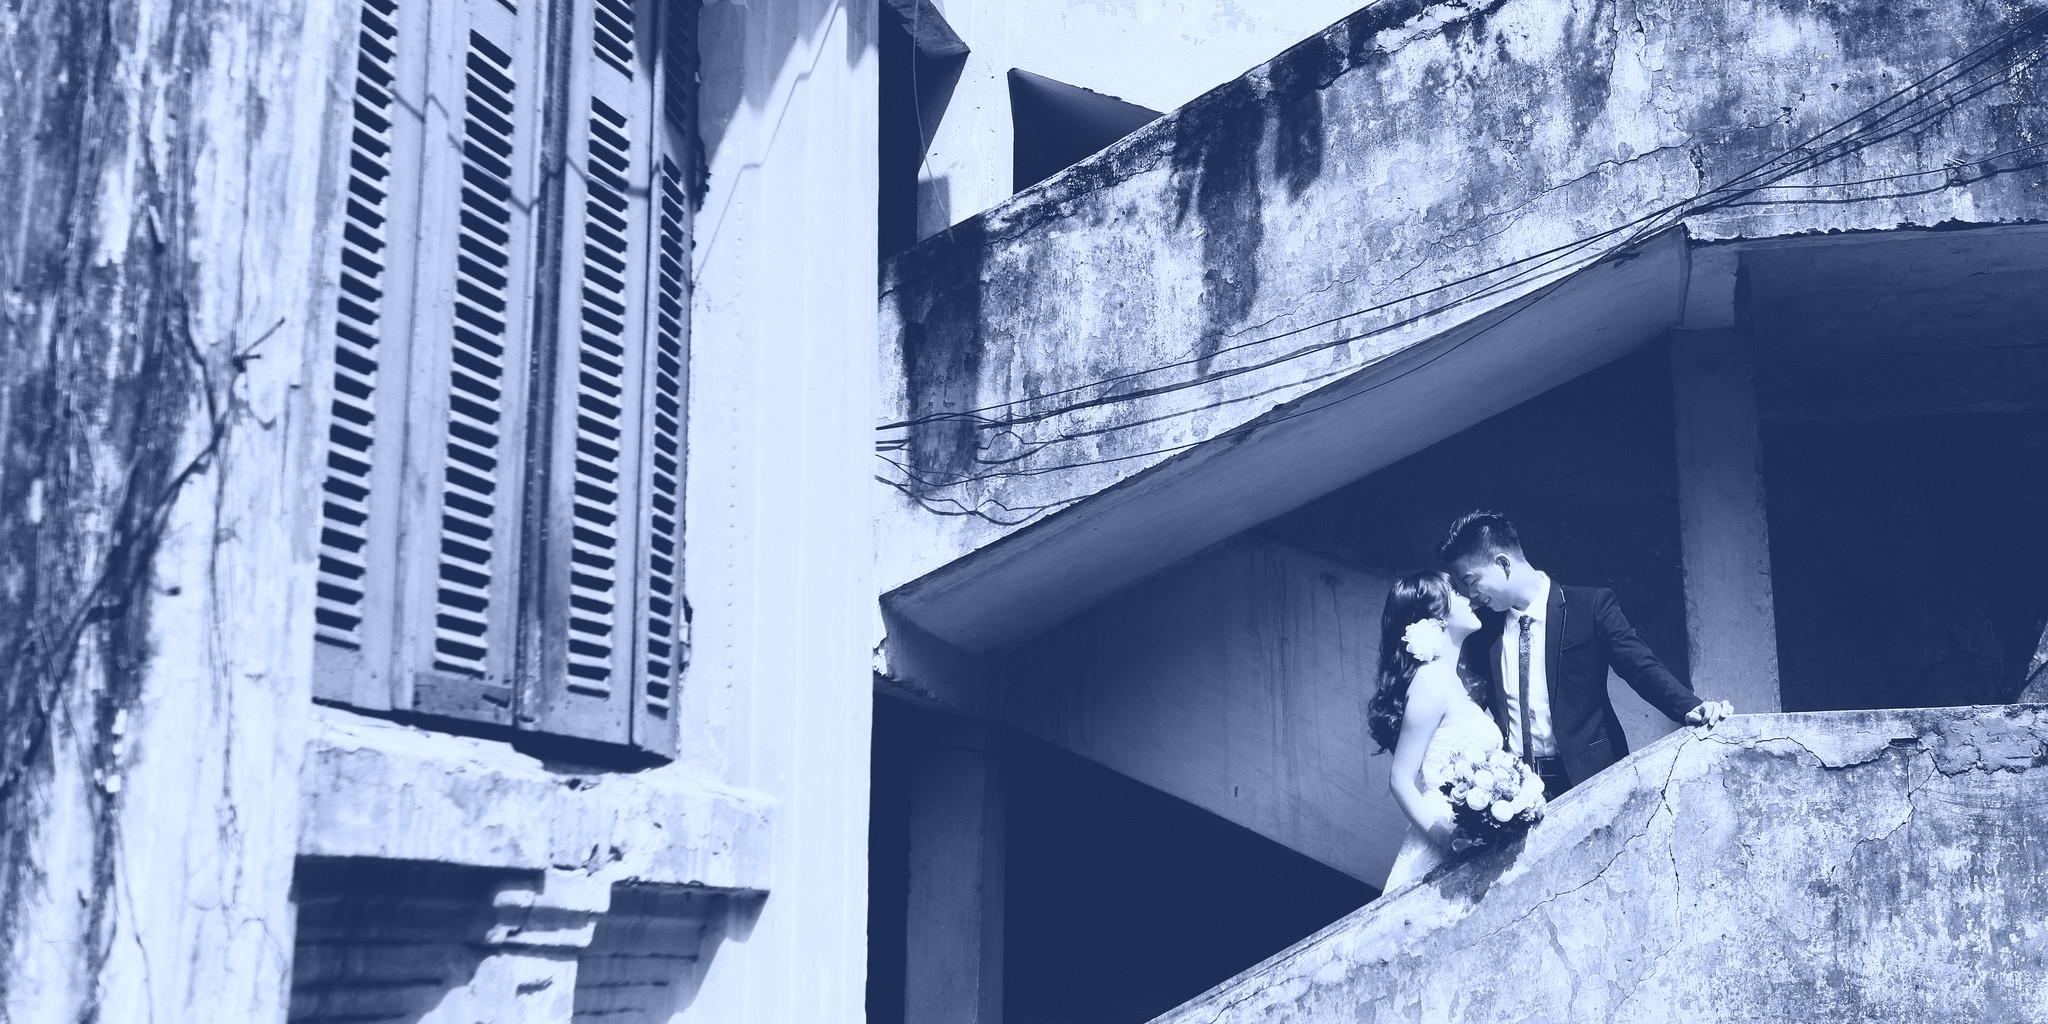 Presunzione di paternità e alterazione di stato: come trasformare un semplice errore in un reato complesso